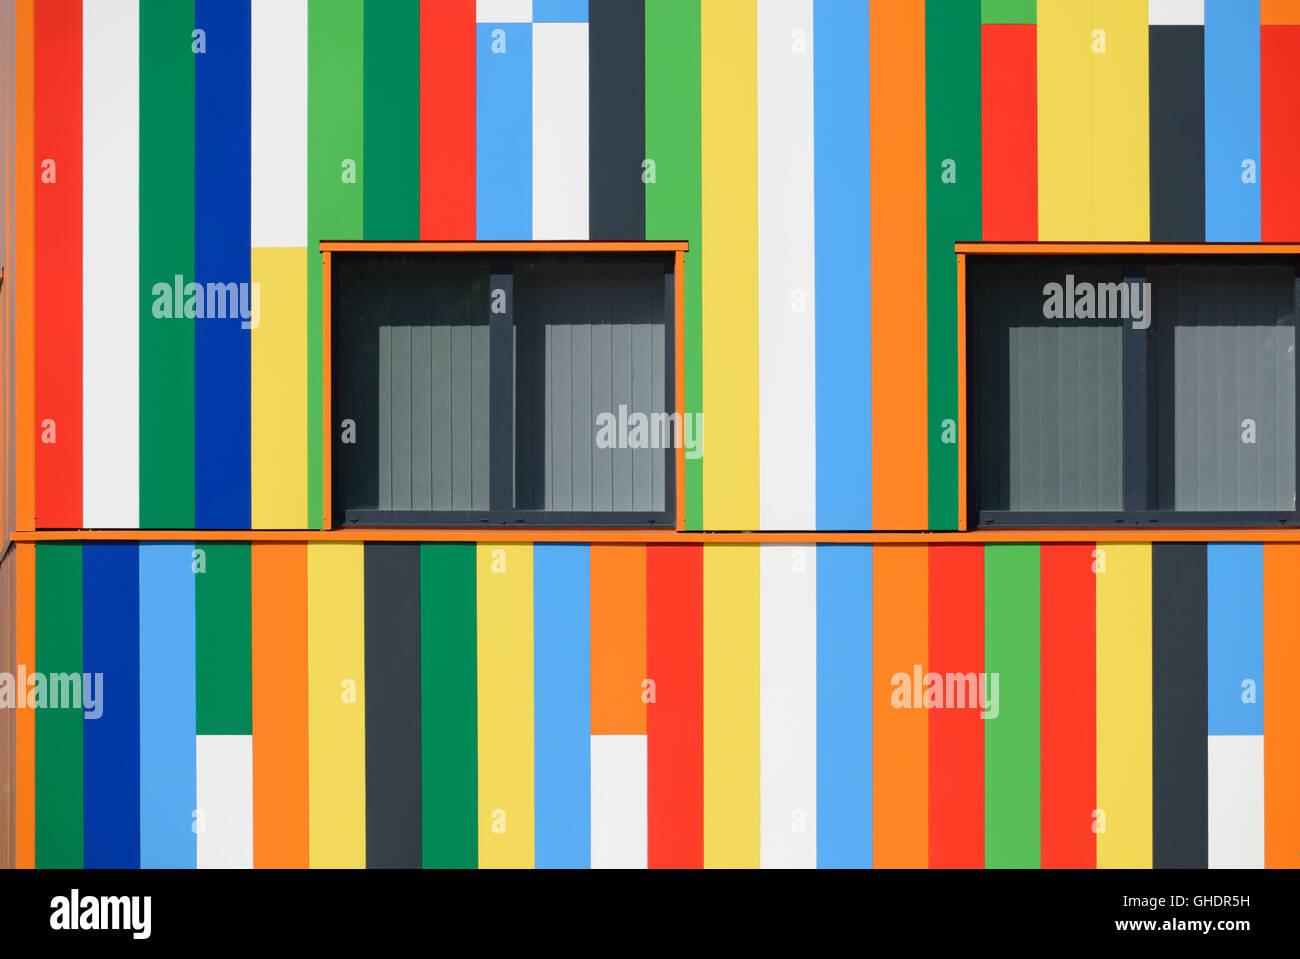 Abstracto multicolor fachada pintada y patrón de la ventana o ventanas de las oficinas del gobierno regional Imagen De Stock